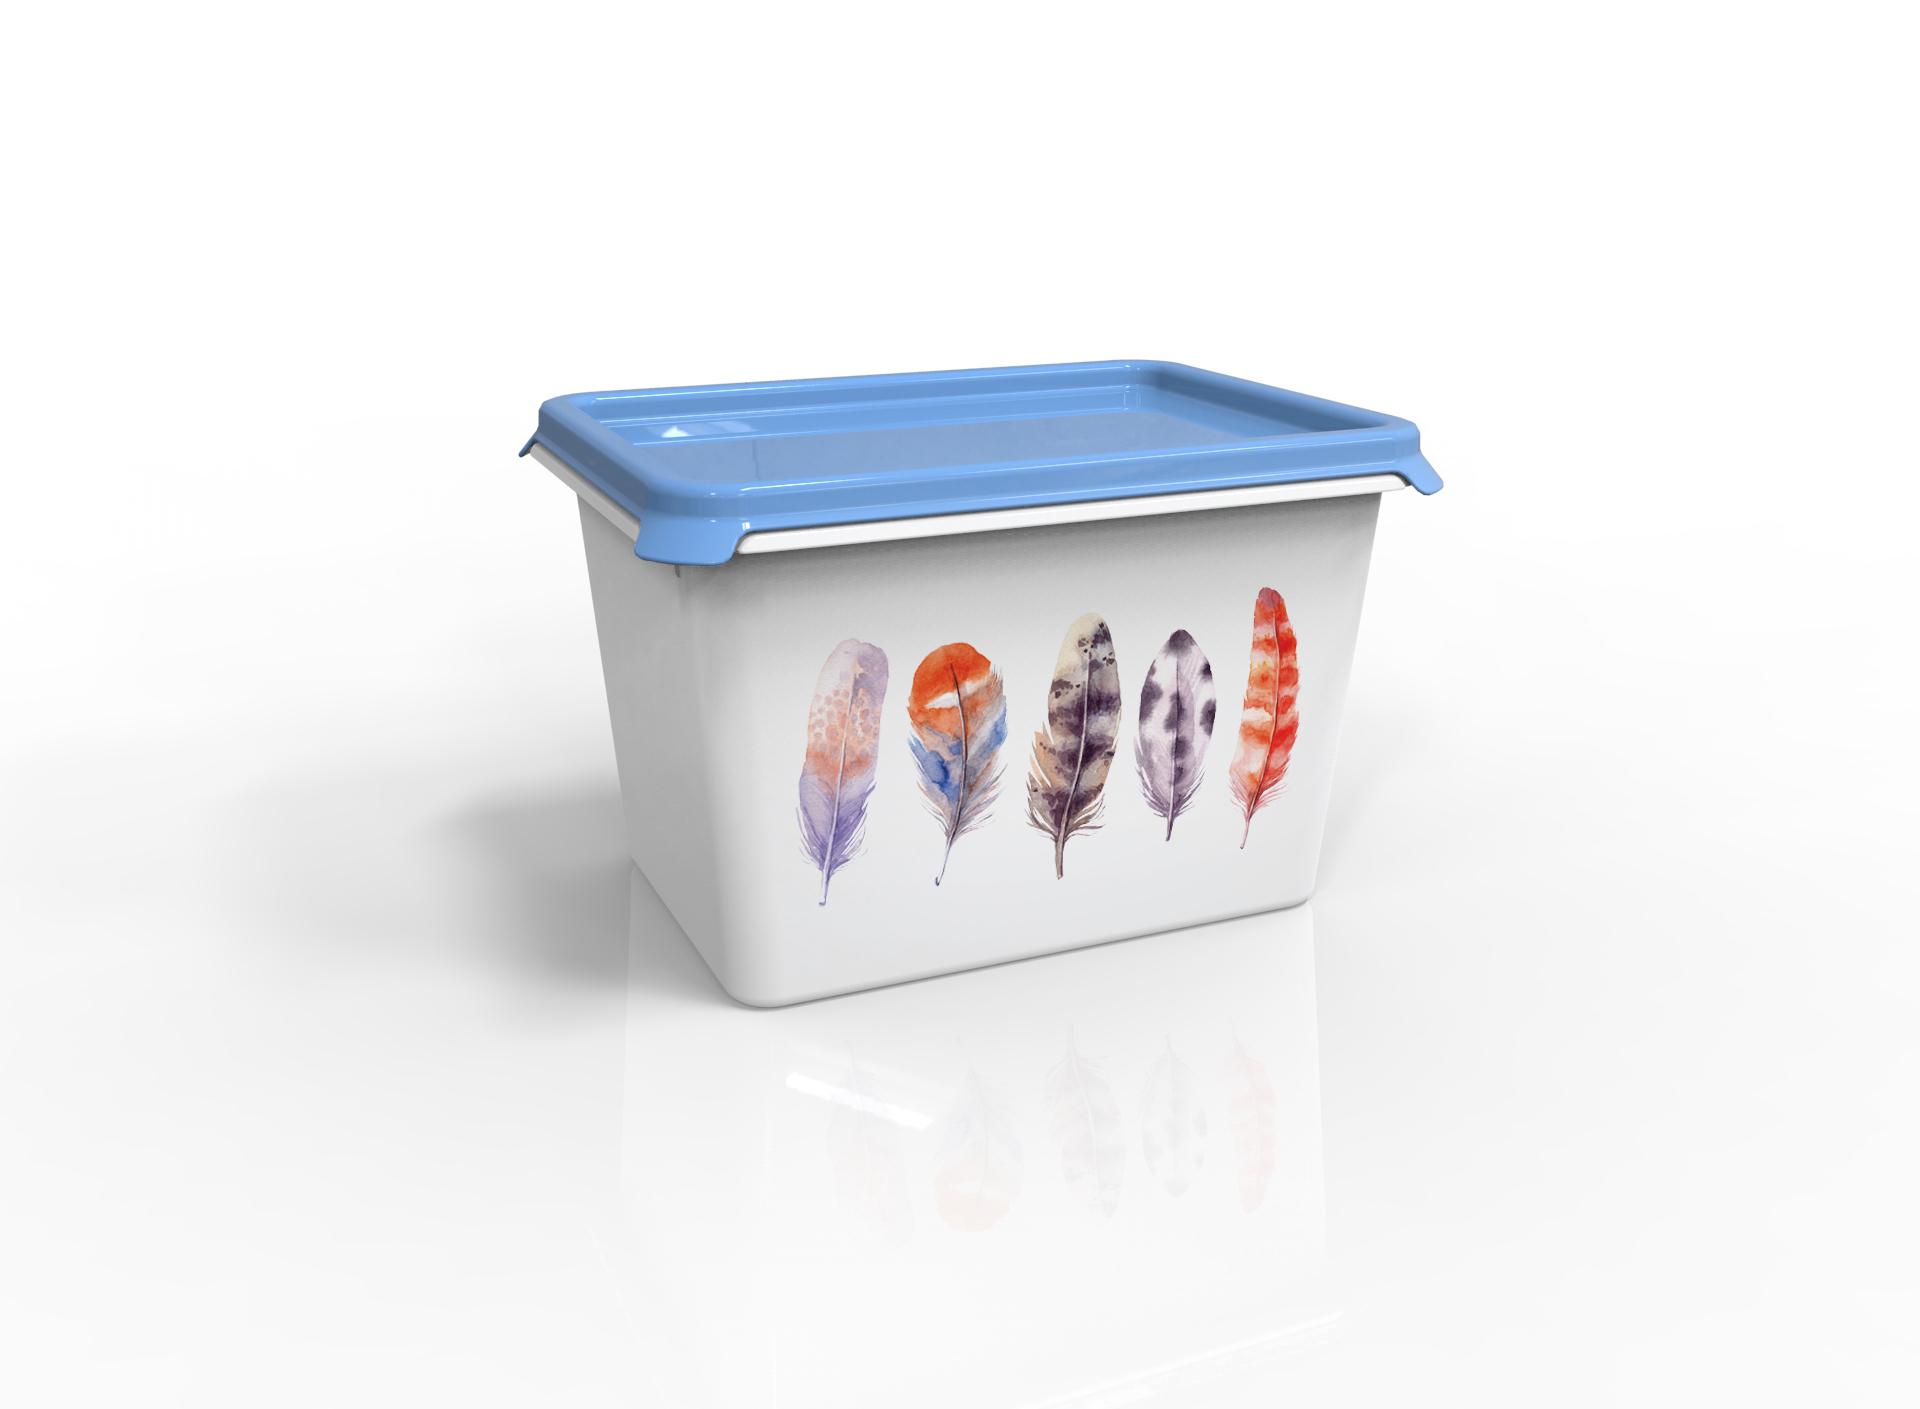 Контейнер для хранения вещей Berossi Serenity, голубой berossi marusya ик17248000 green